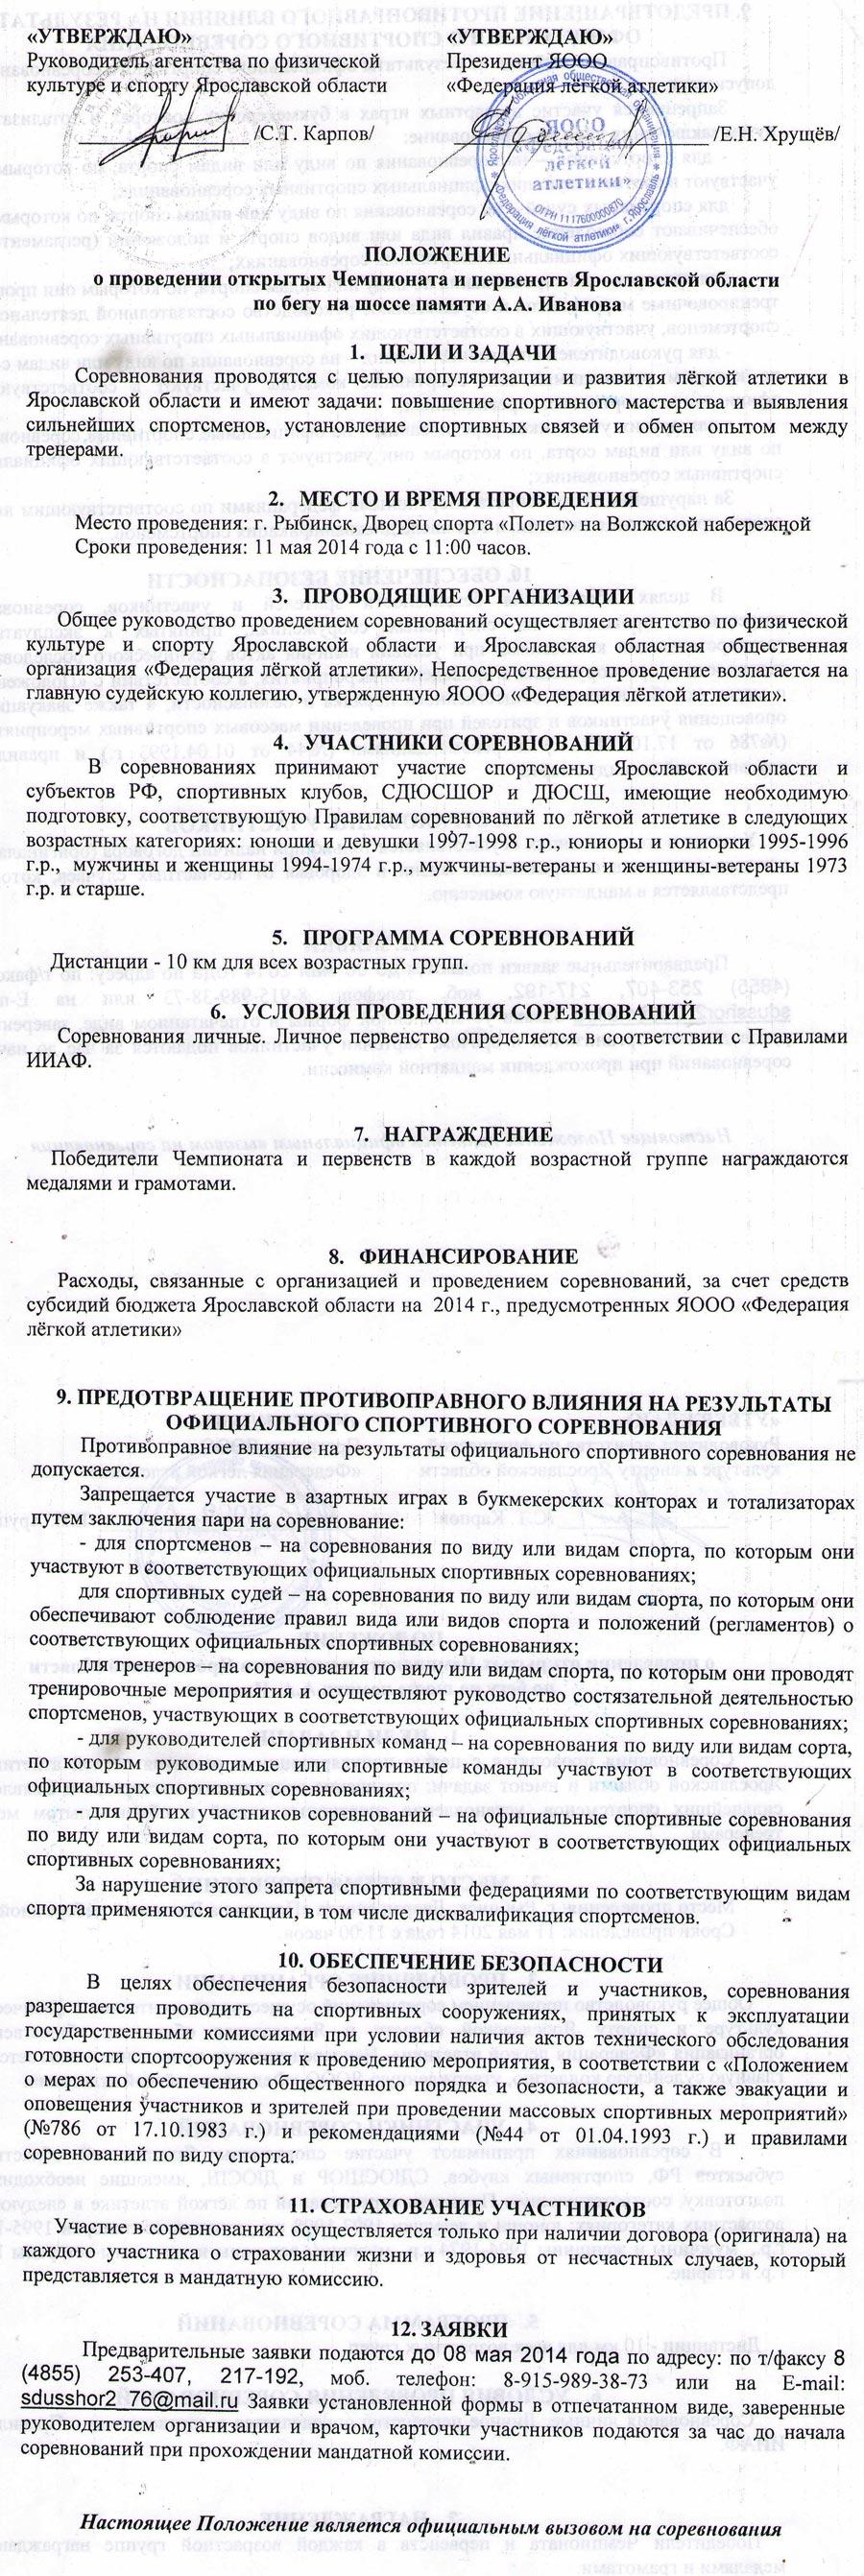 Положение о проведении Открытого Чемпионата Ярославской области по бегу на шоссе памяти А.А. Иванова, Рыбинск 2014